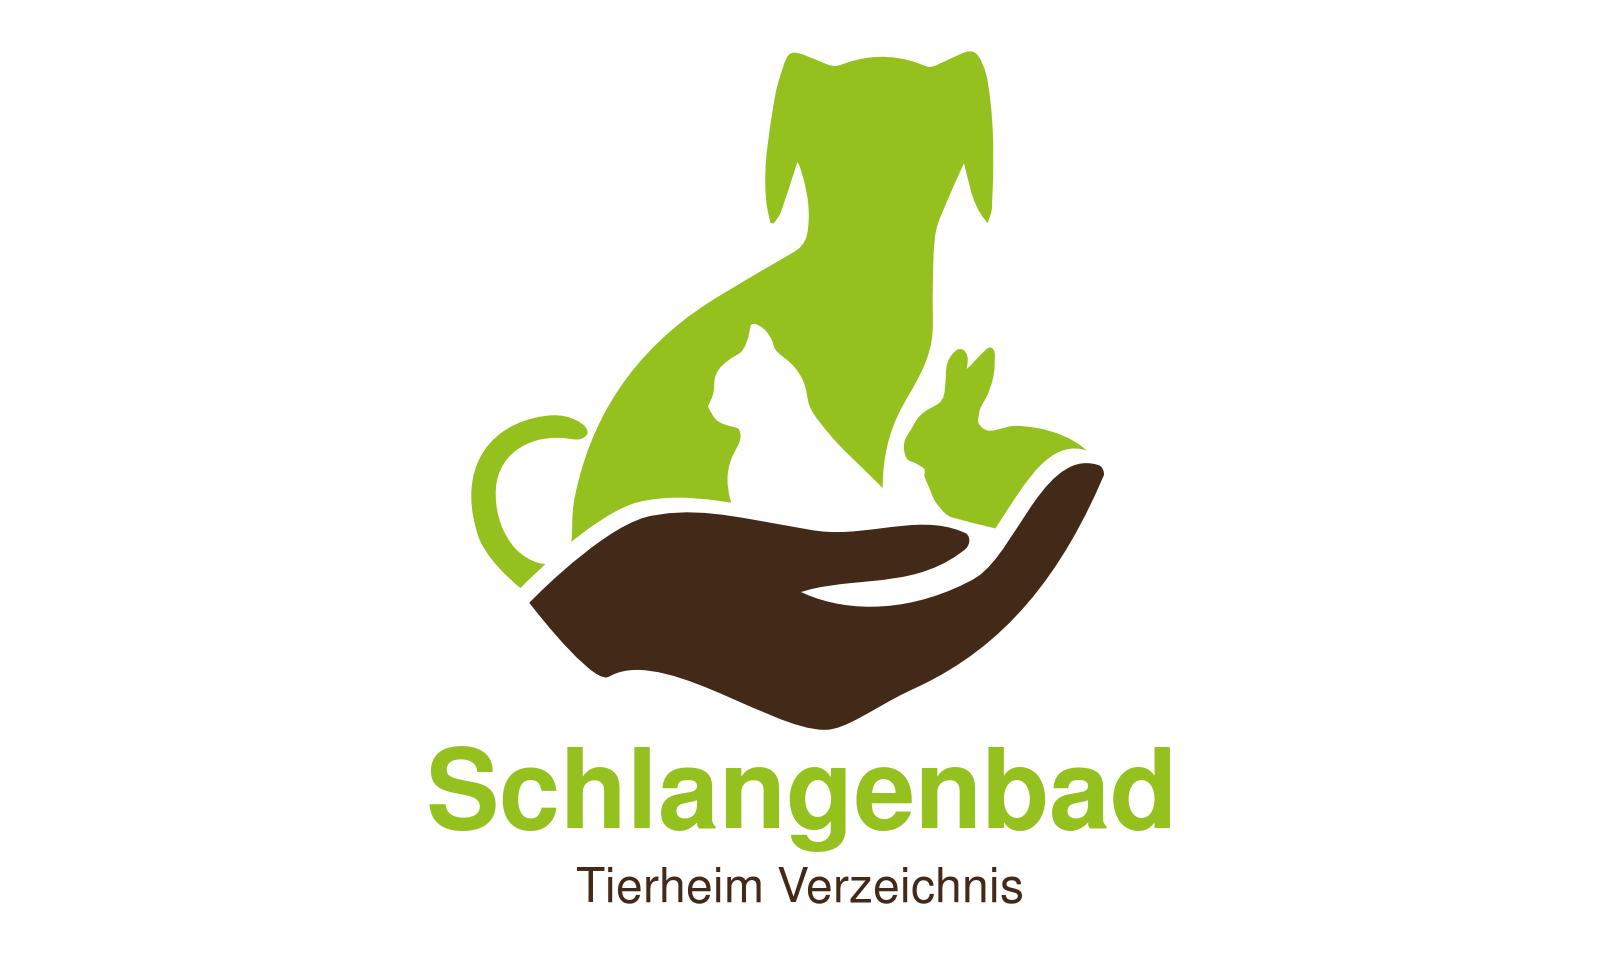 Tierheim Schlangenbad